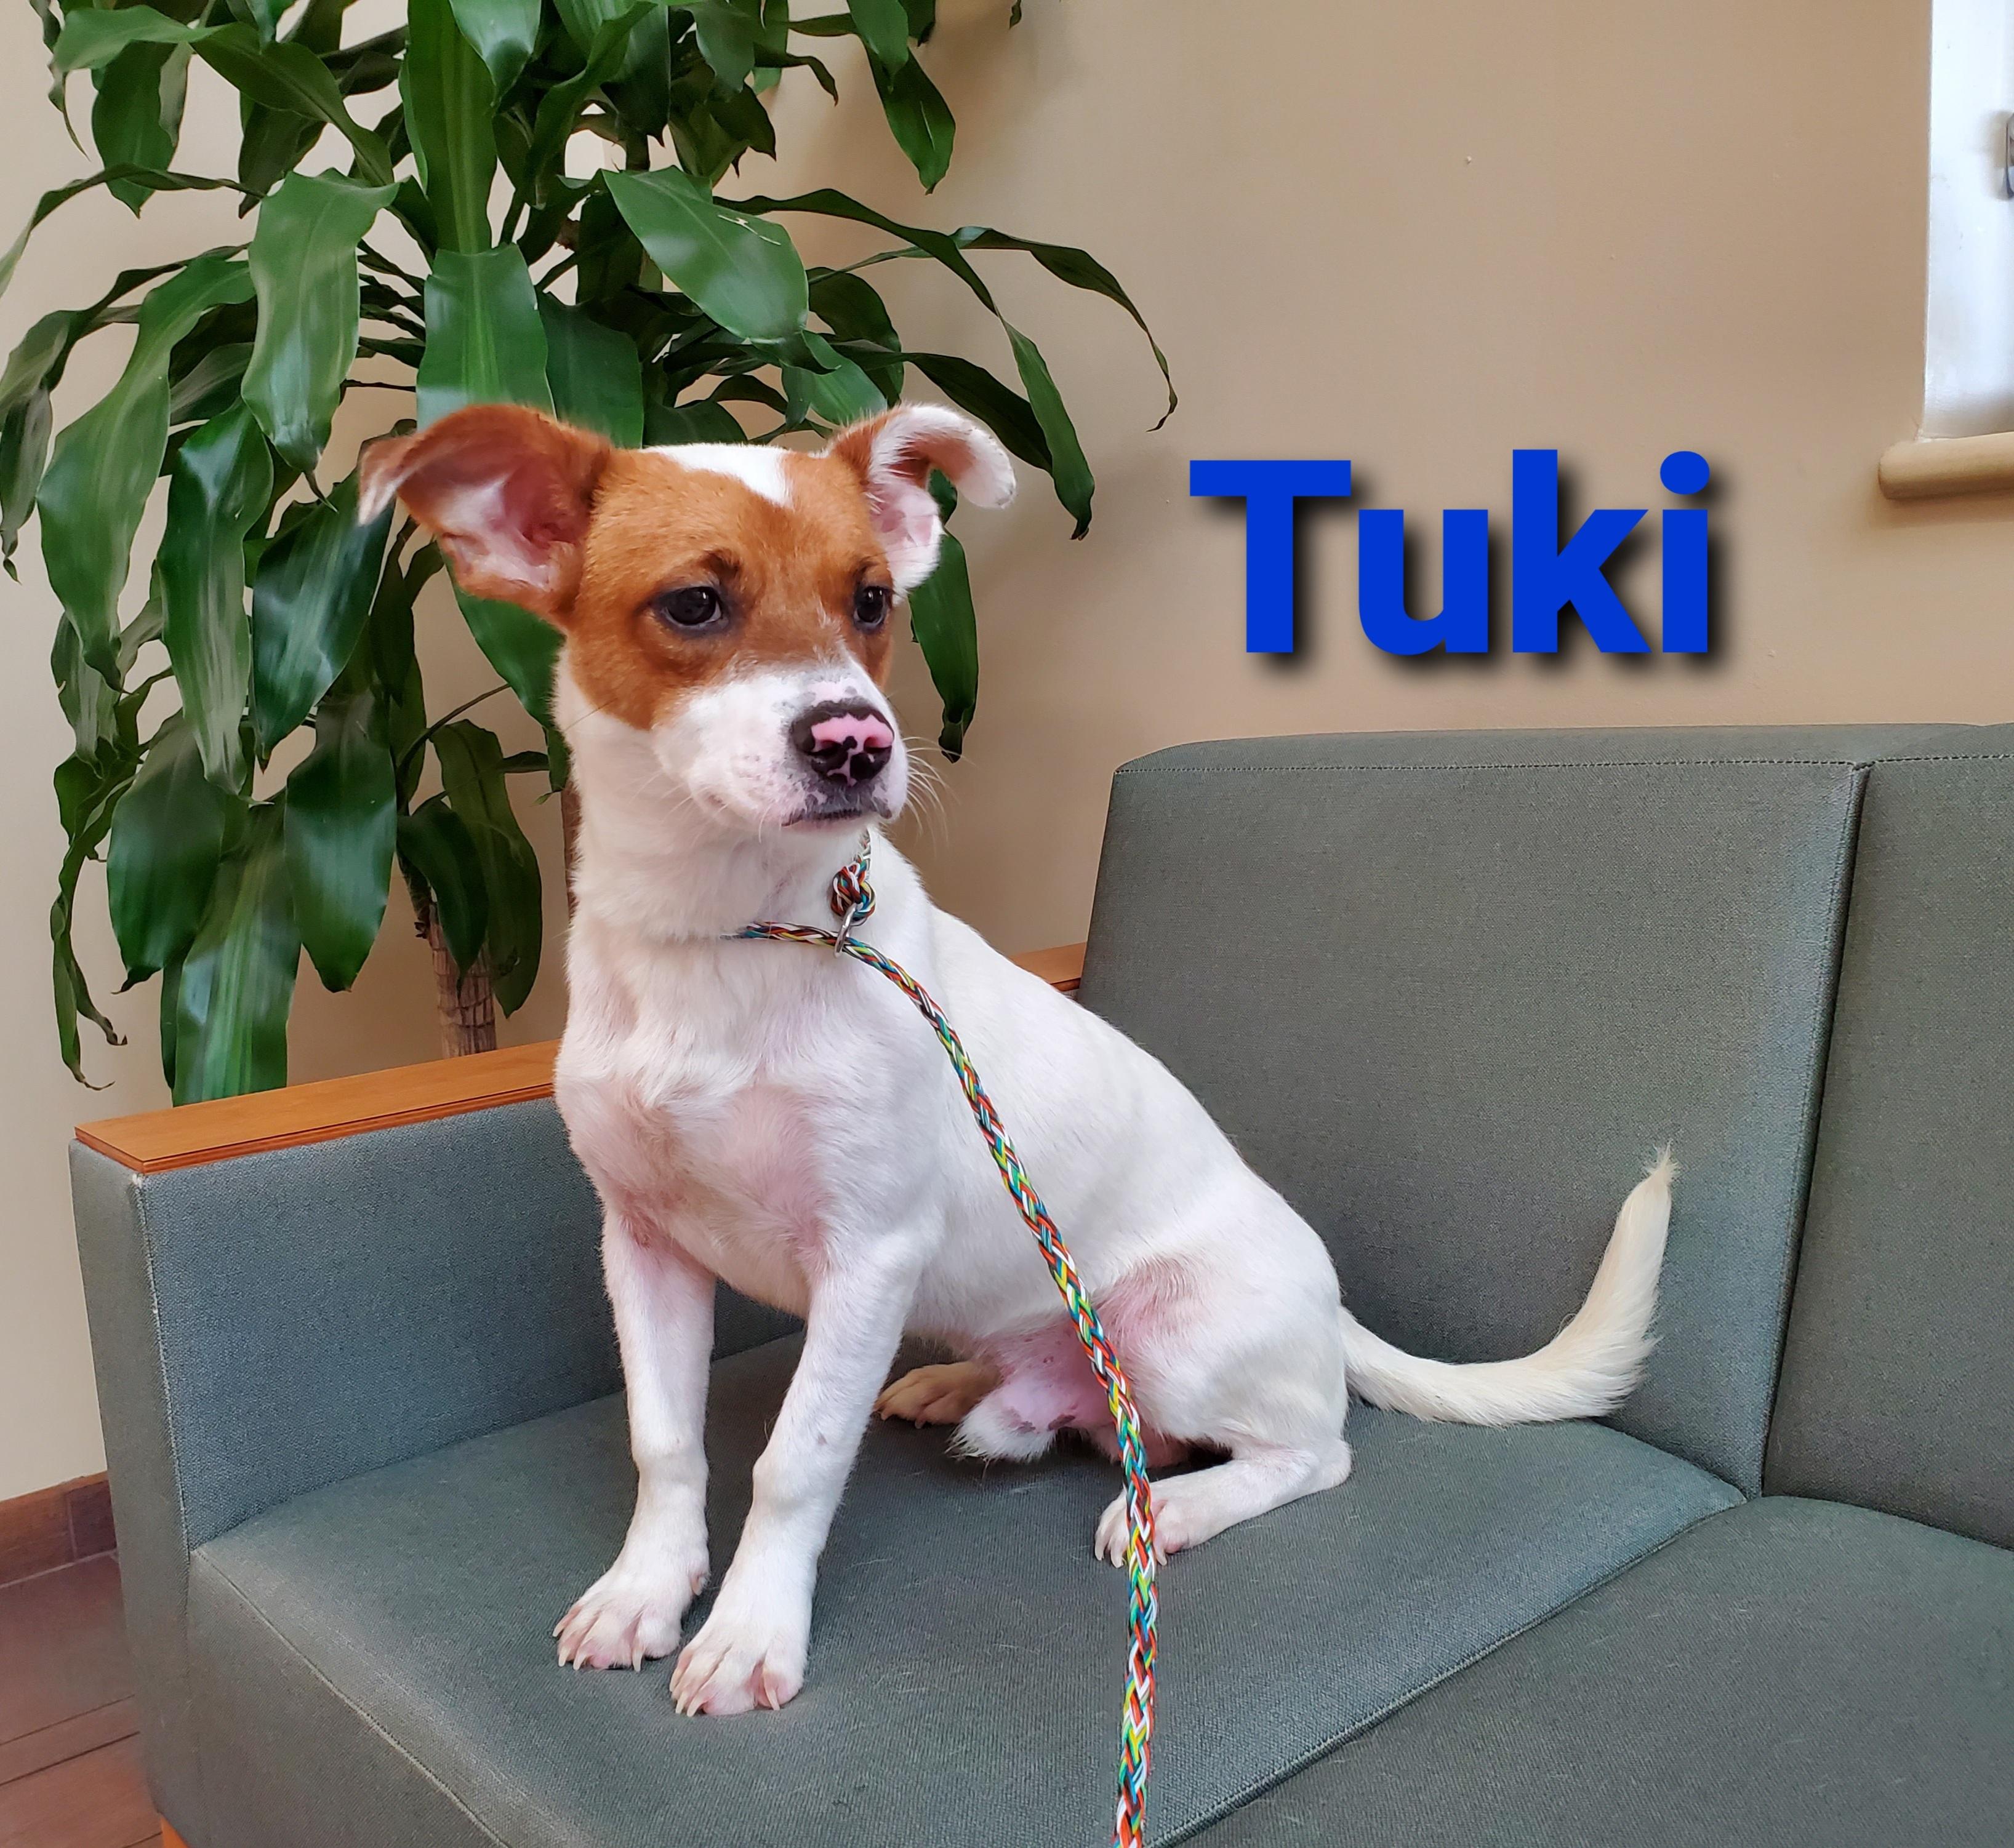 Tuki detail page